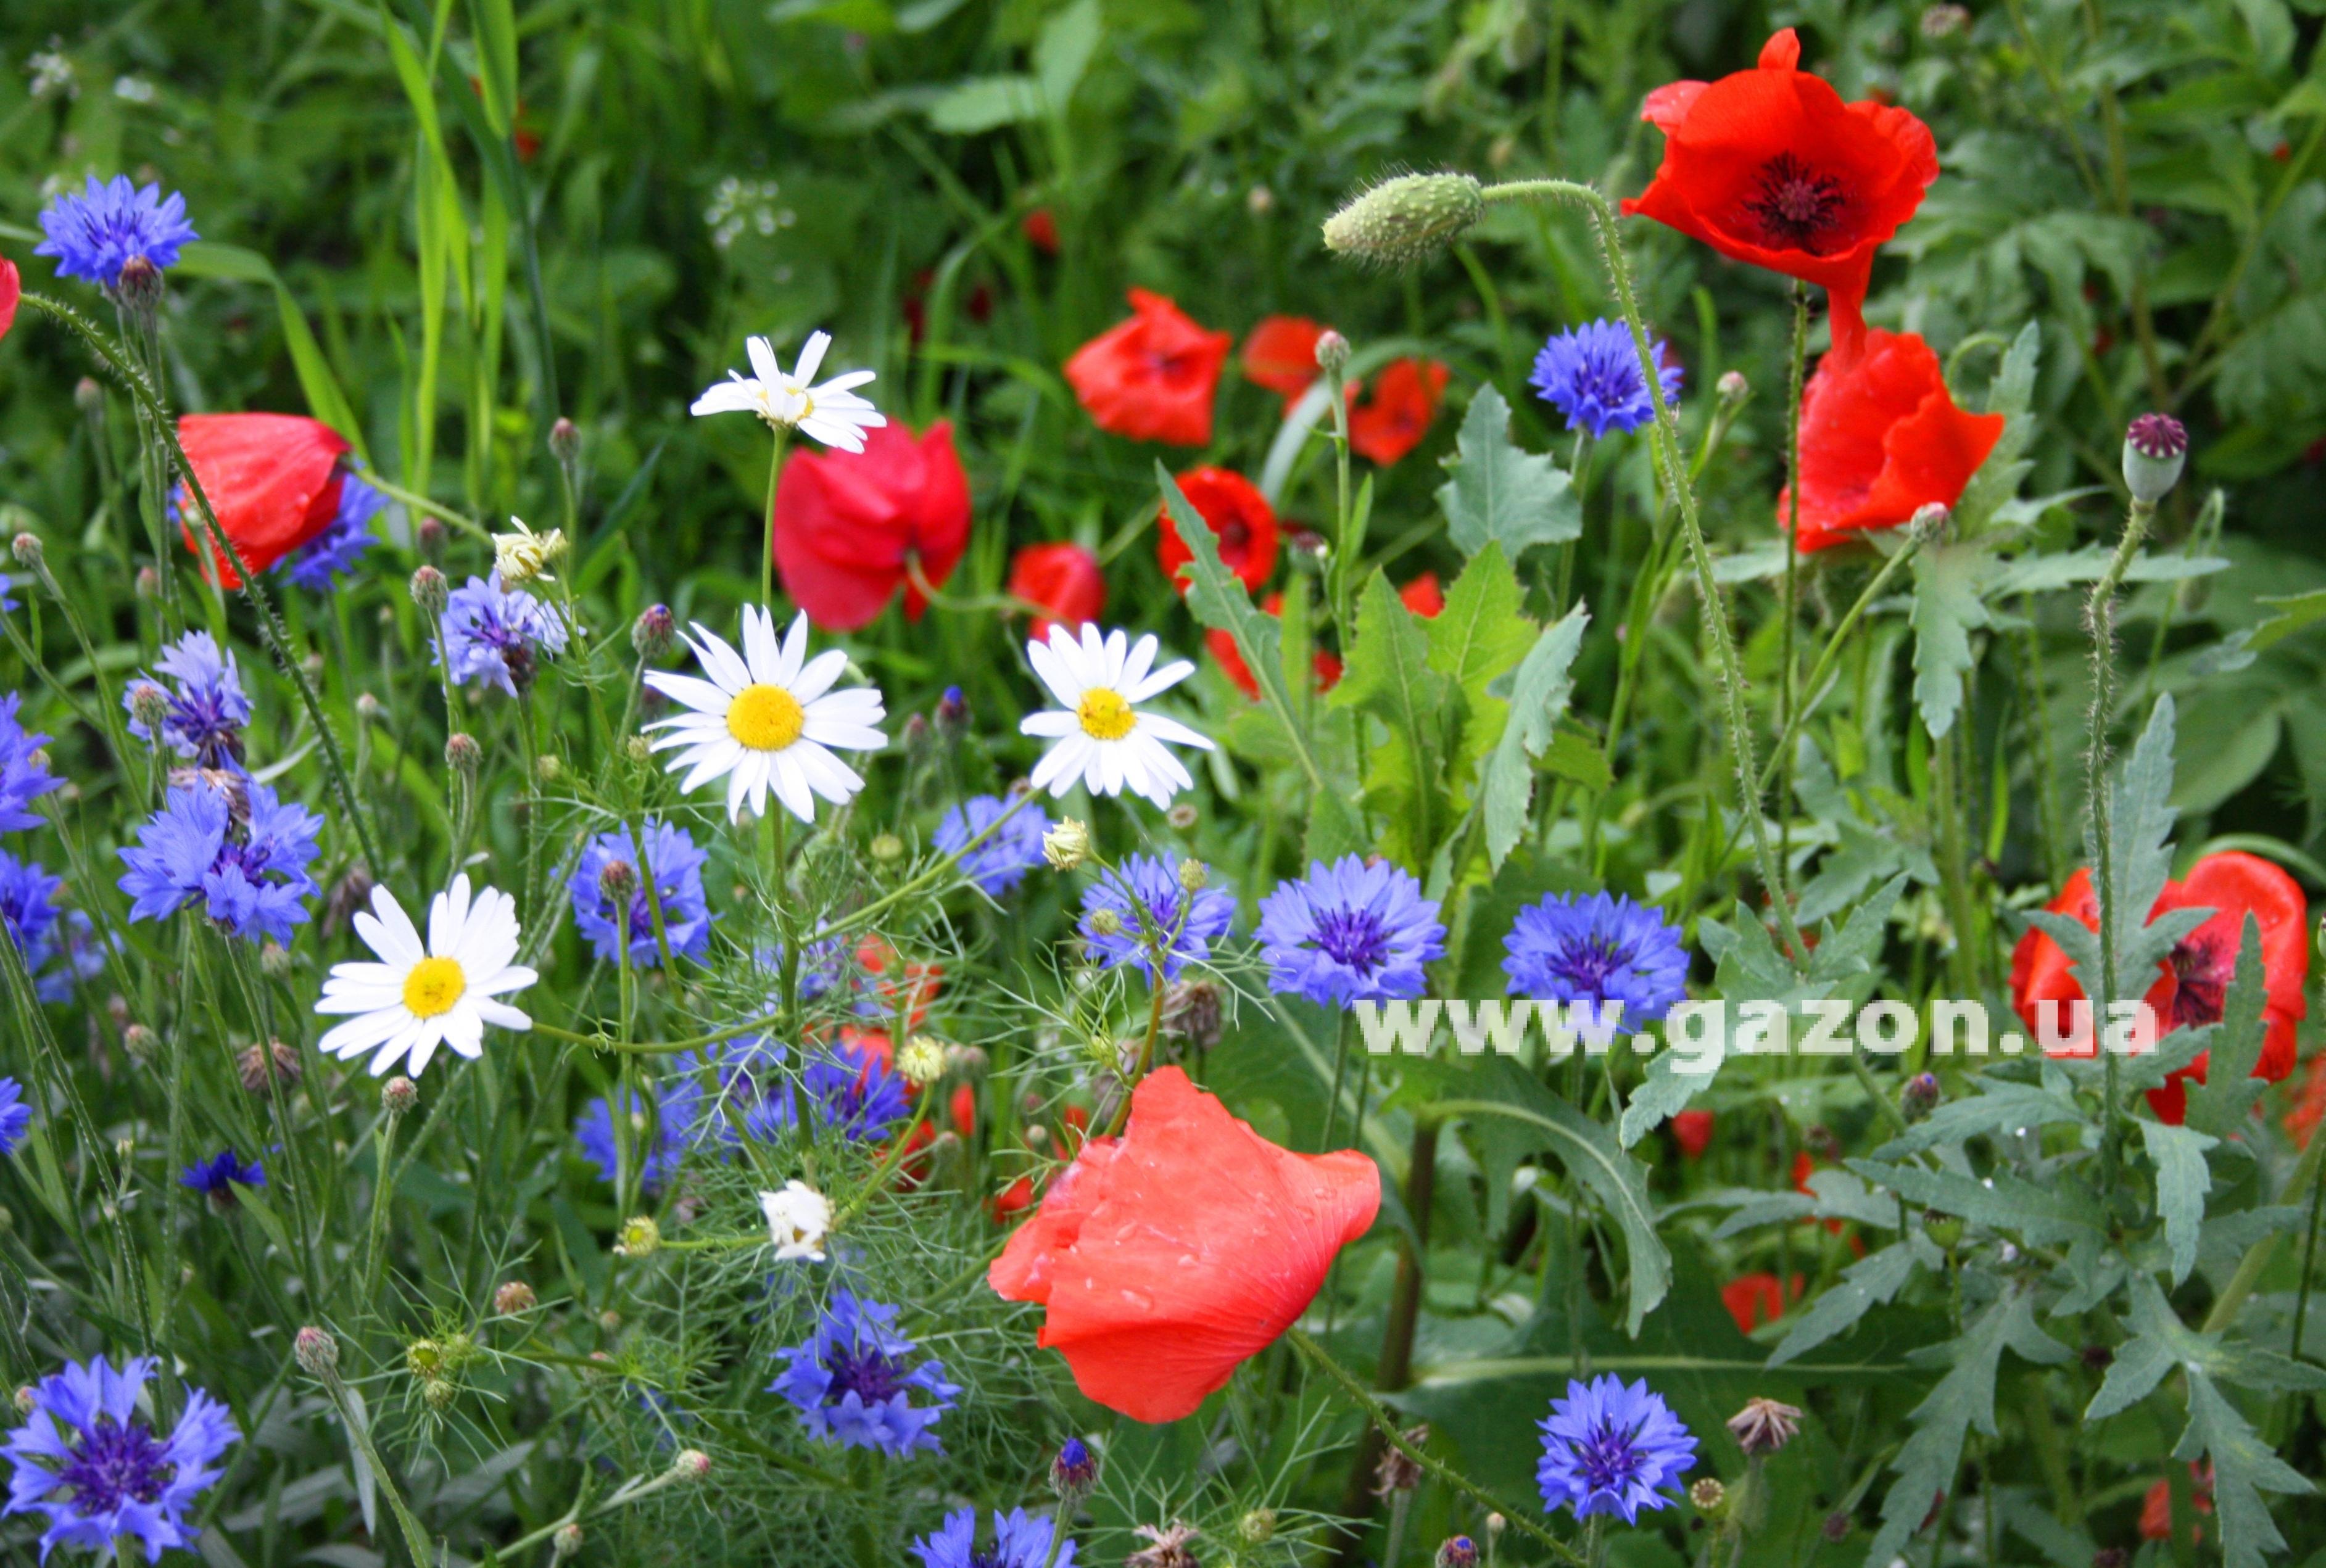 Про полевые цветы цитаты